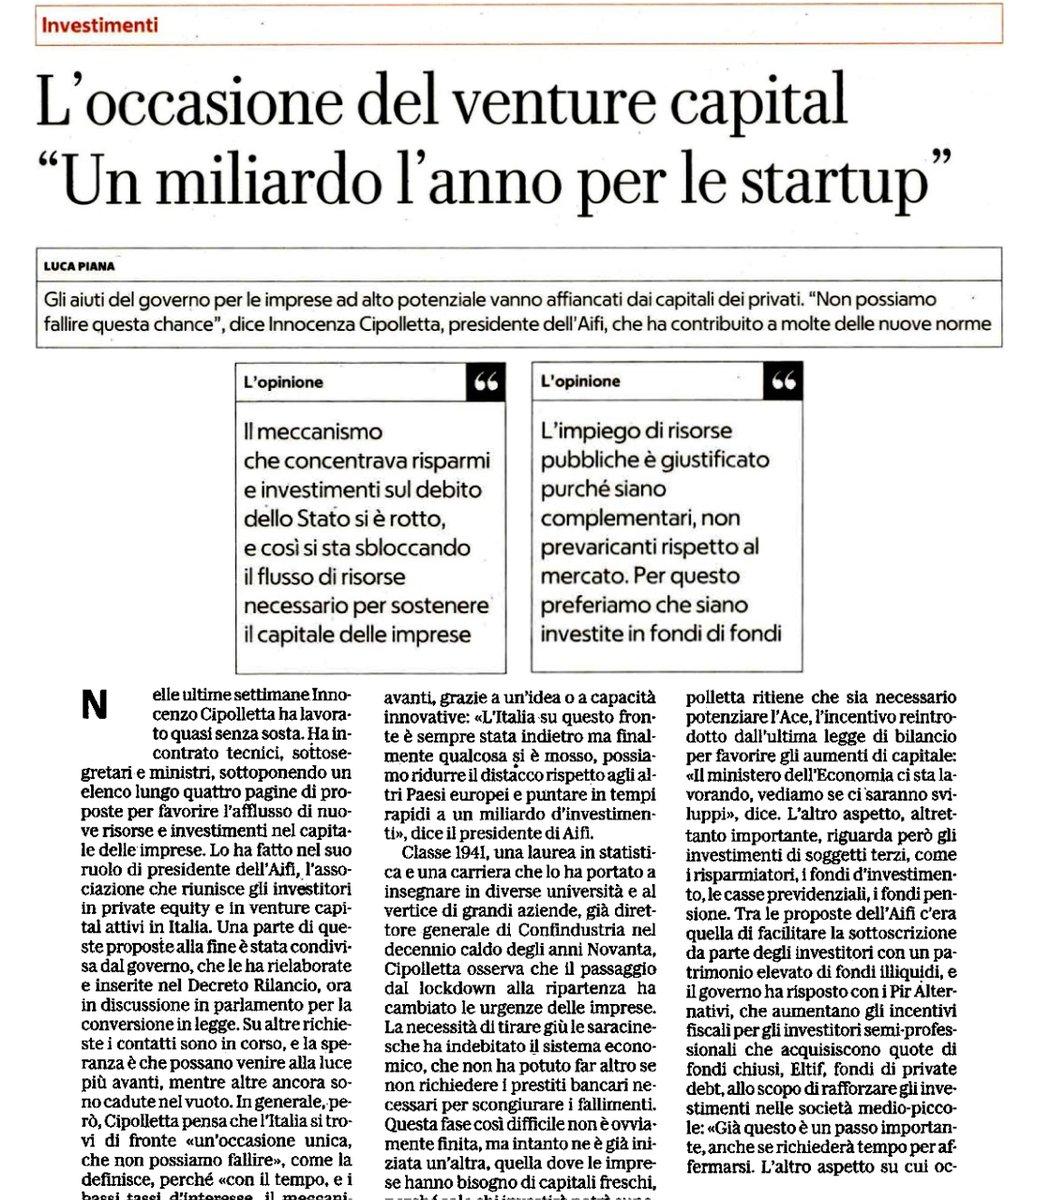 """Motore d'#innovazione """"L'occasione del #venturecapital Un miliardo l'anno per le #startup """" @LukaPiana su @RepubblicaAF  💰 900milioni i ricavi nel 2018, oltre 50% da startup investite da #CVC  👉 https://t.co/9Zsw2GBeW6 @As_Aifi @crunchbase @MISE_GOV @GruppoCDP @TalentGardenit https://t.co/GDRoC5vRj8"""